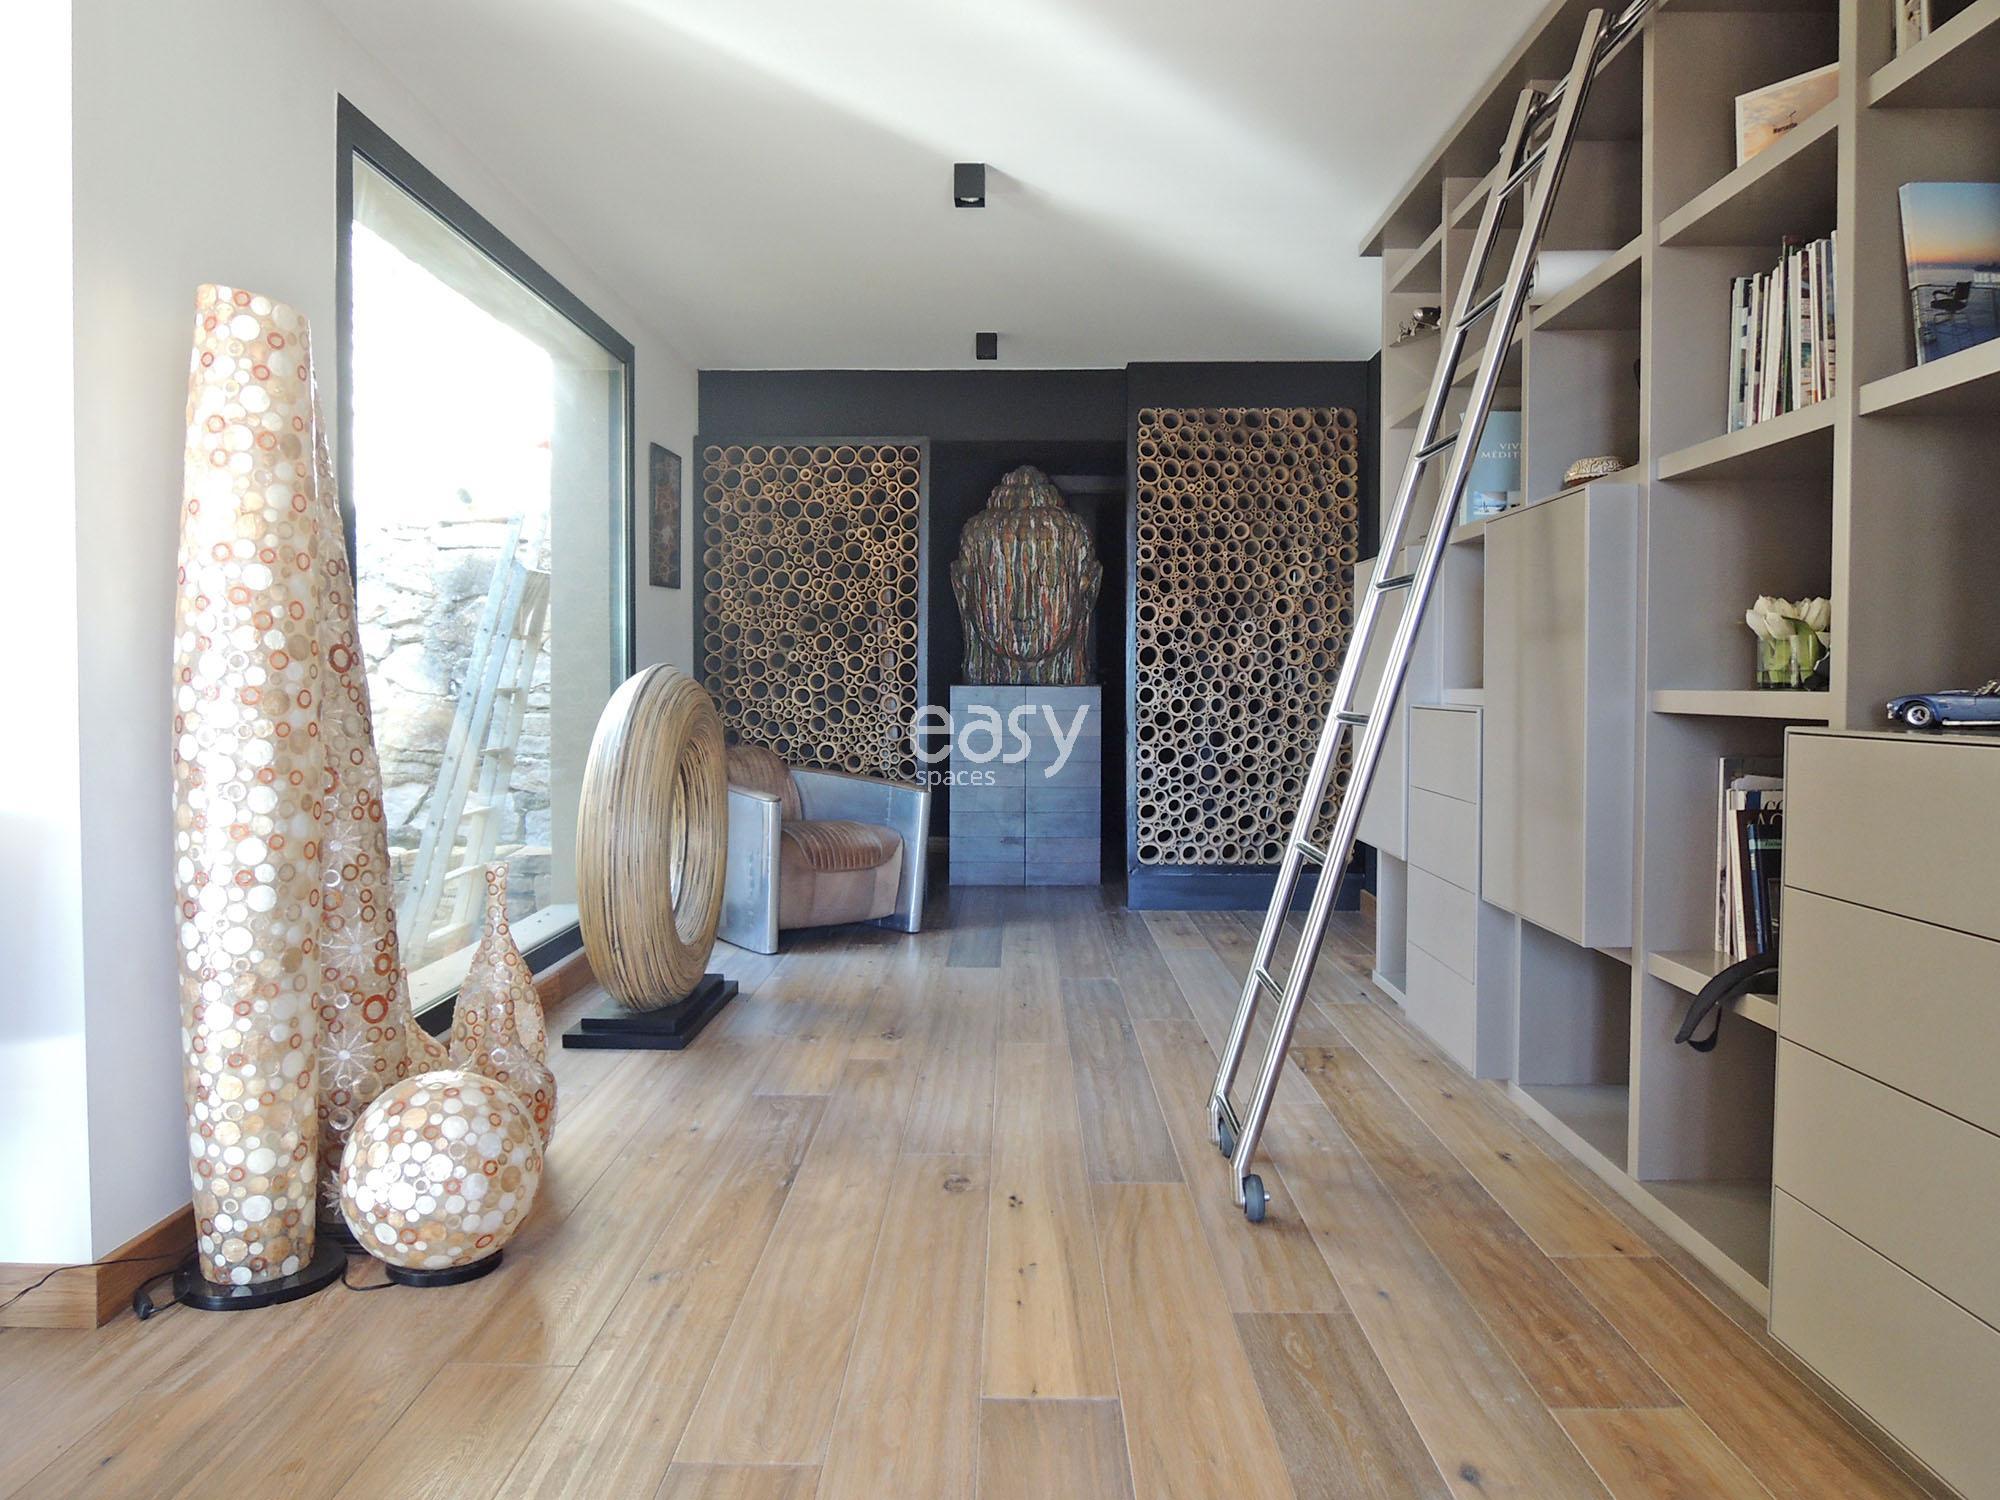 maison atypique pour shooting tournage marseille lieux lieu louer pour tournage dans le sud de. Black Bedroom Furniture Sets. Home Design Ideas